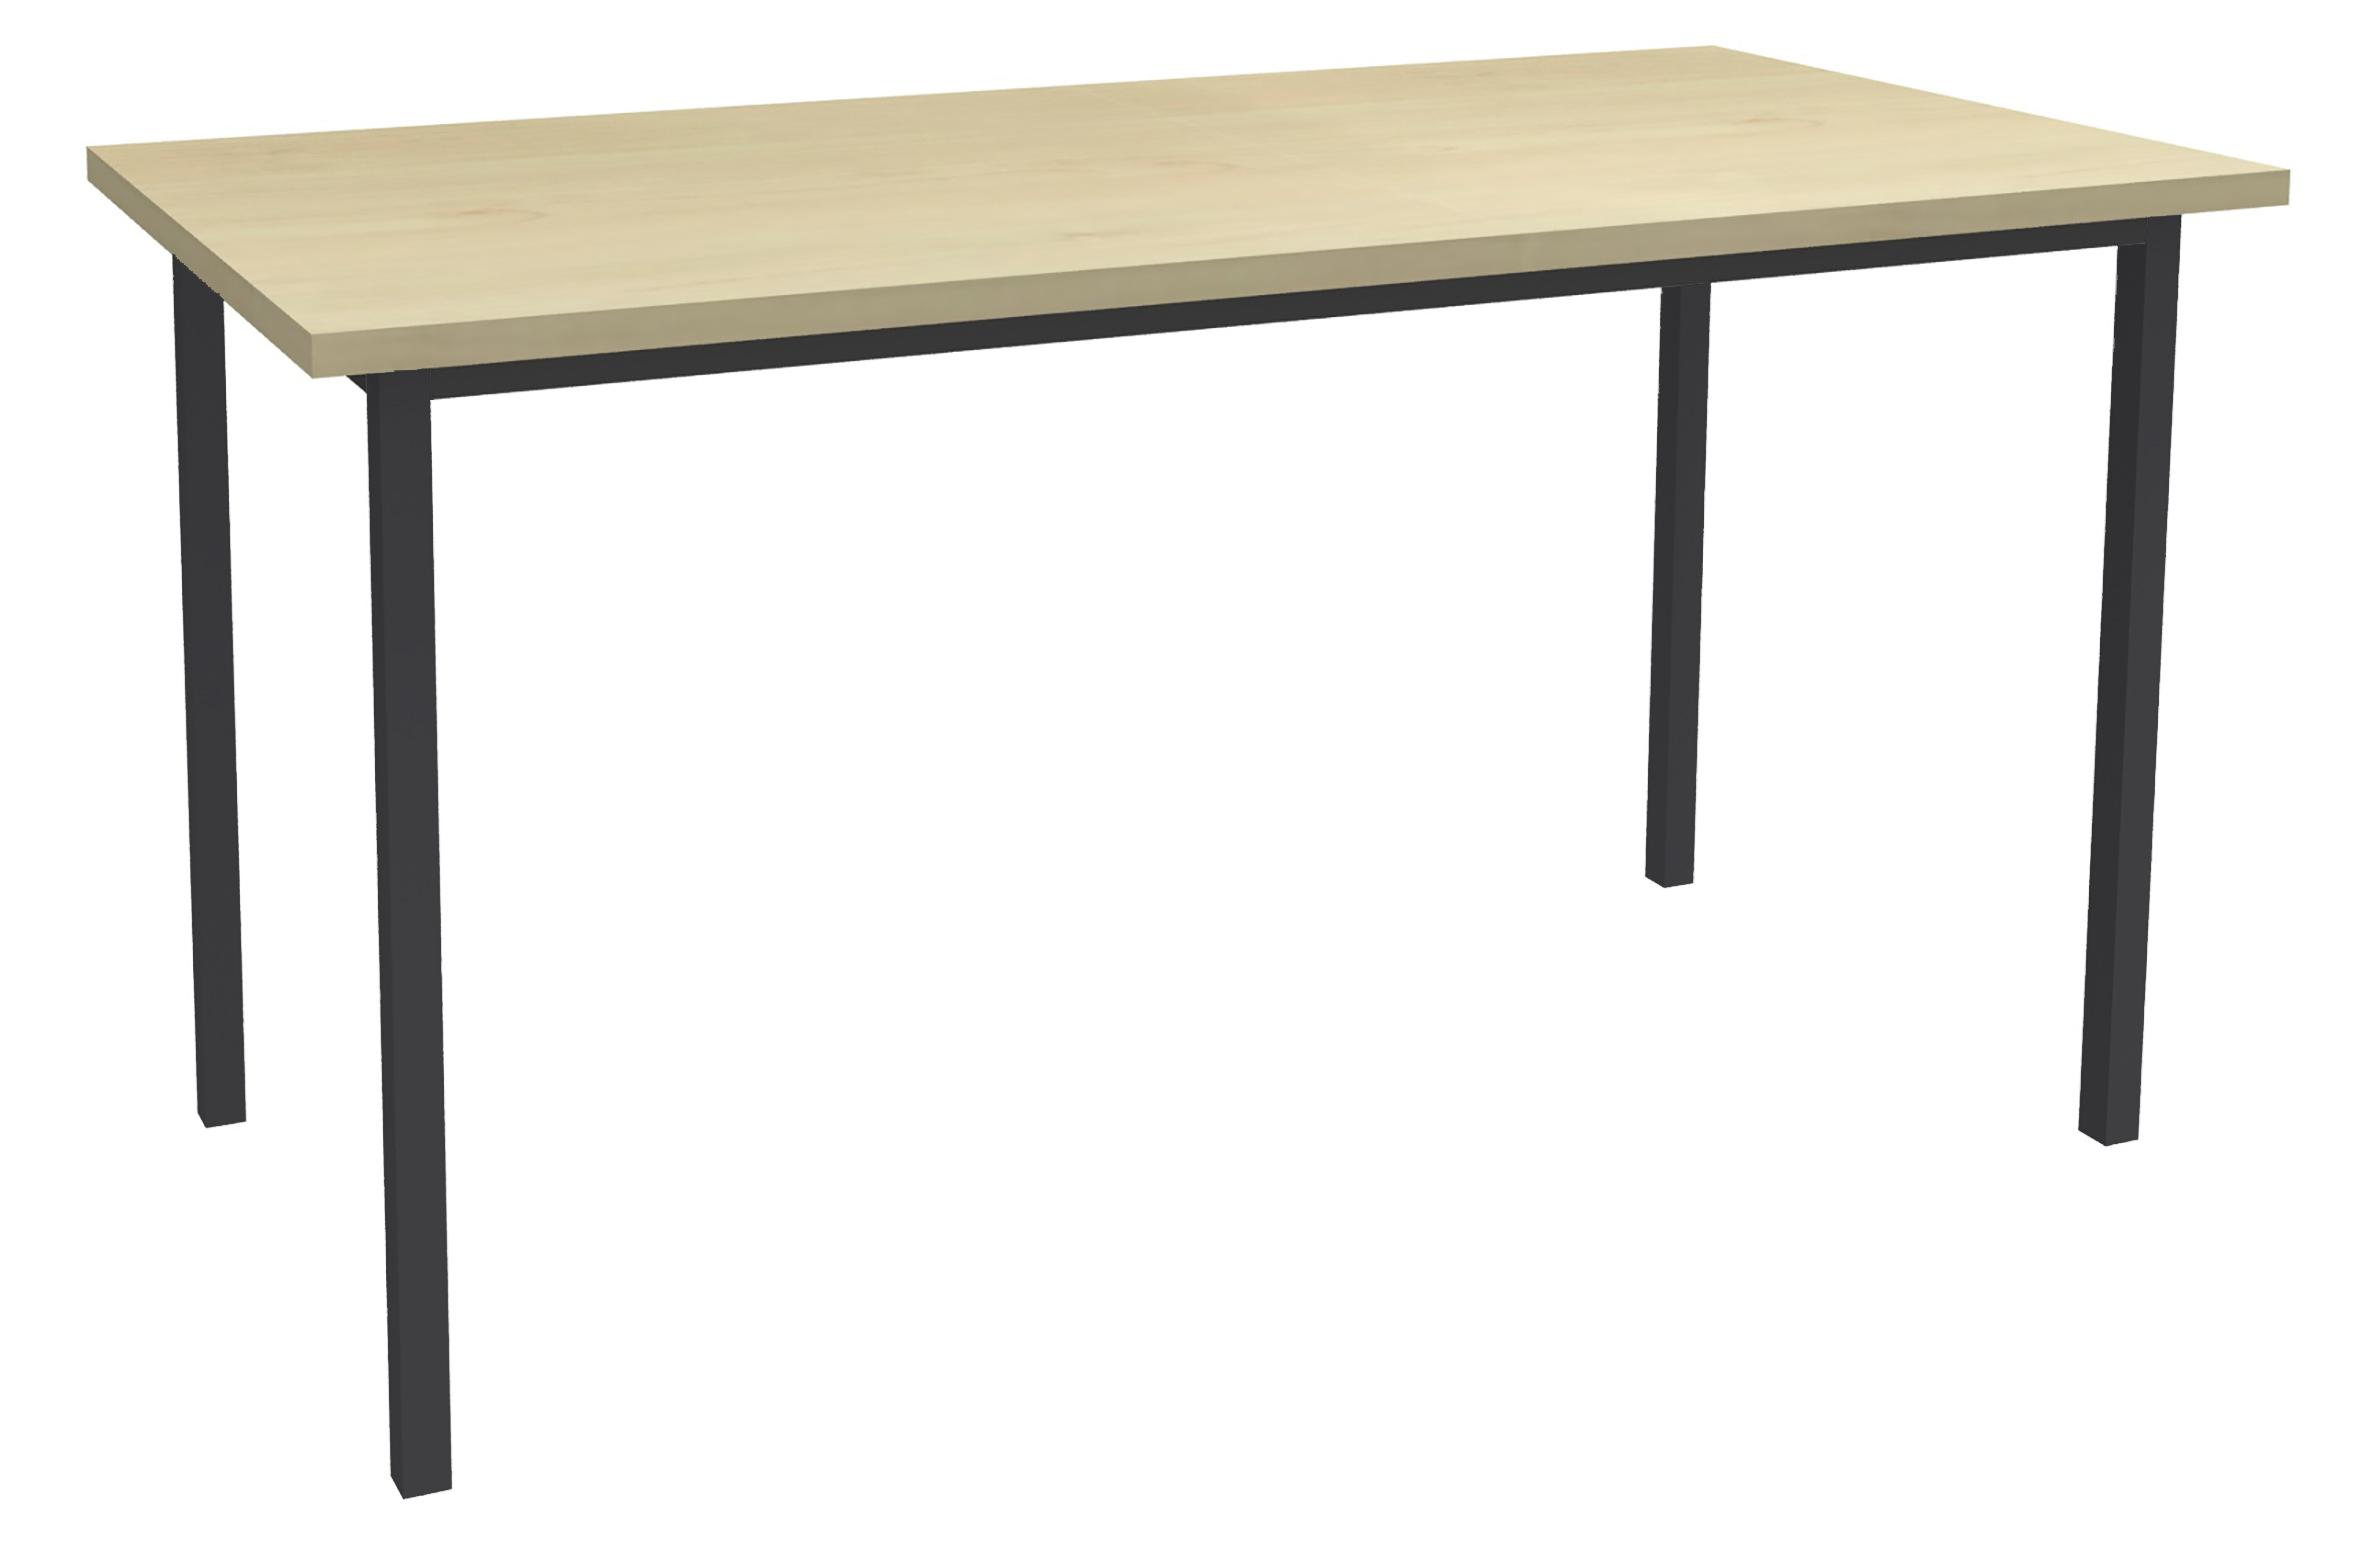 Table de réunion Rectangulaire - 120 x 60 cm - Pieds anthracite - imitation érable